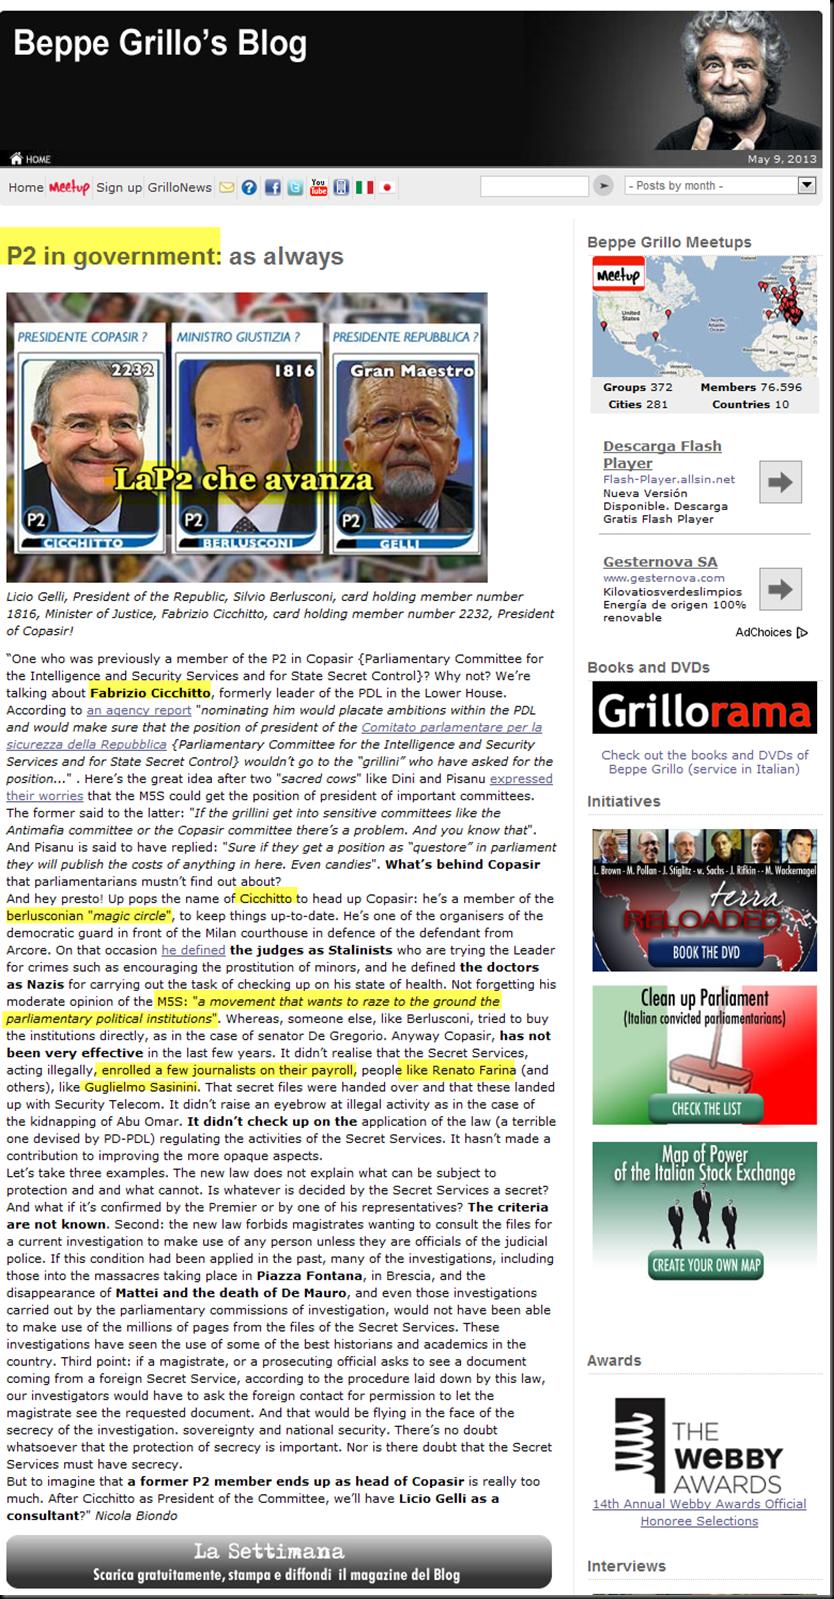 """Beppe Grillo en su blog: """"La P2 en el Gobierno, como siempre"""" Image_thumb1"""